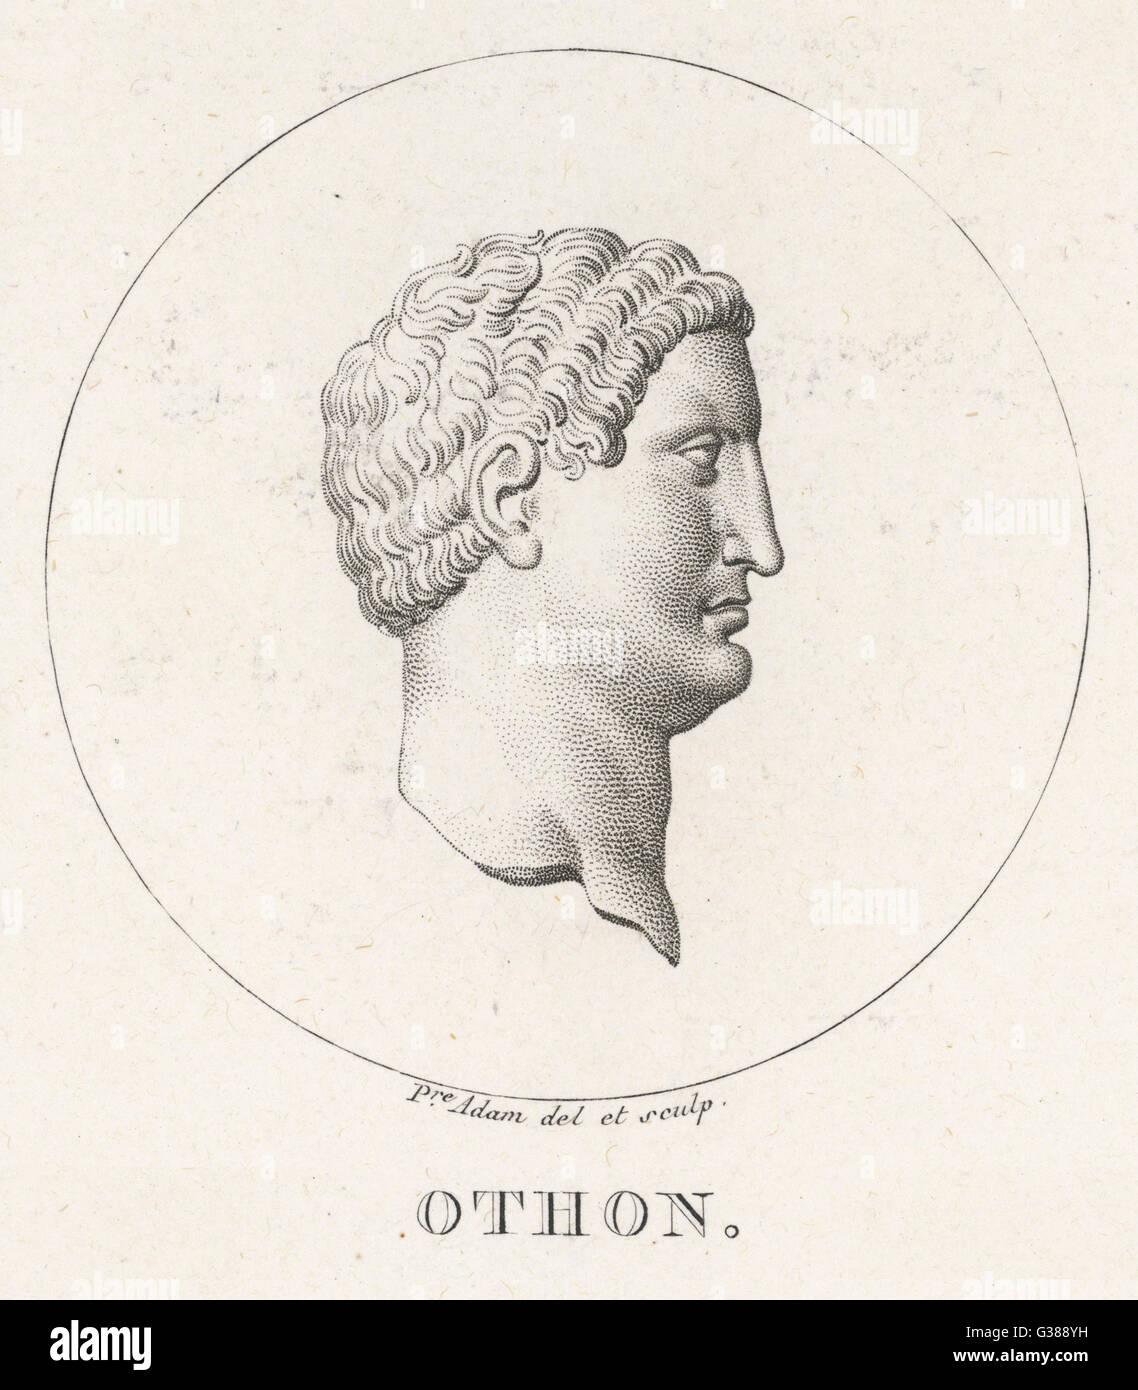 Marcus Salvius OTHO imperatore romano si è suicidato Data: 32 - 69 Immagini Stock